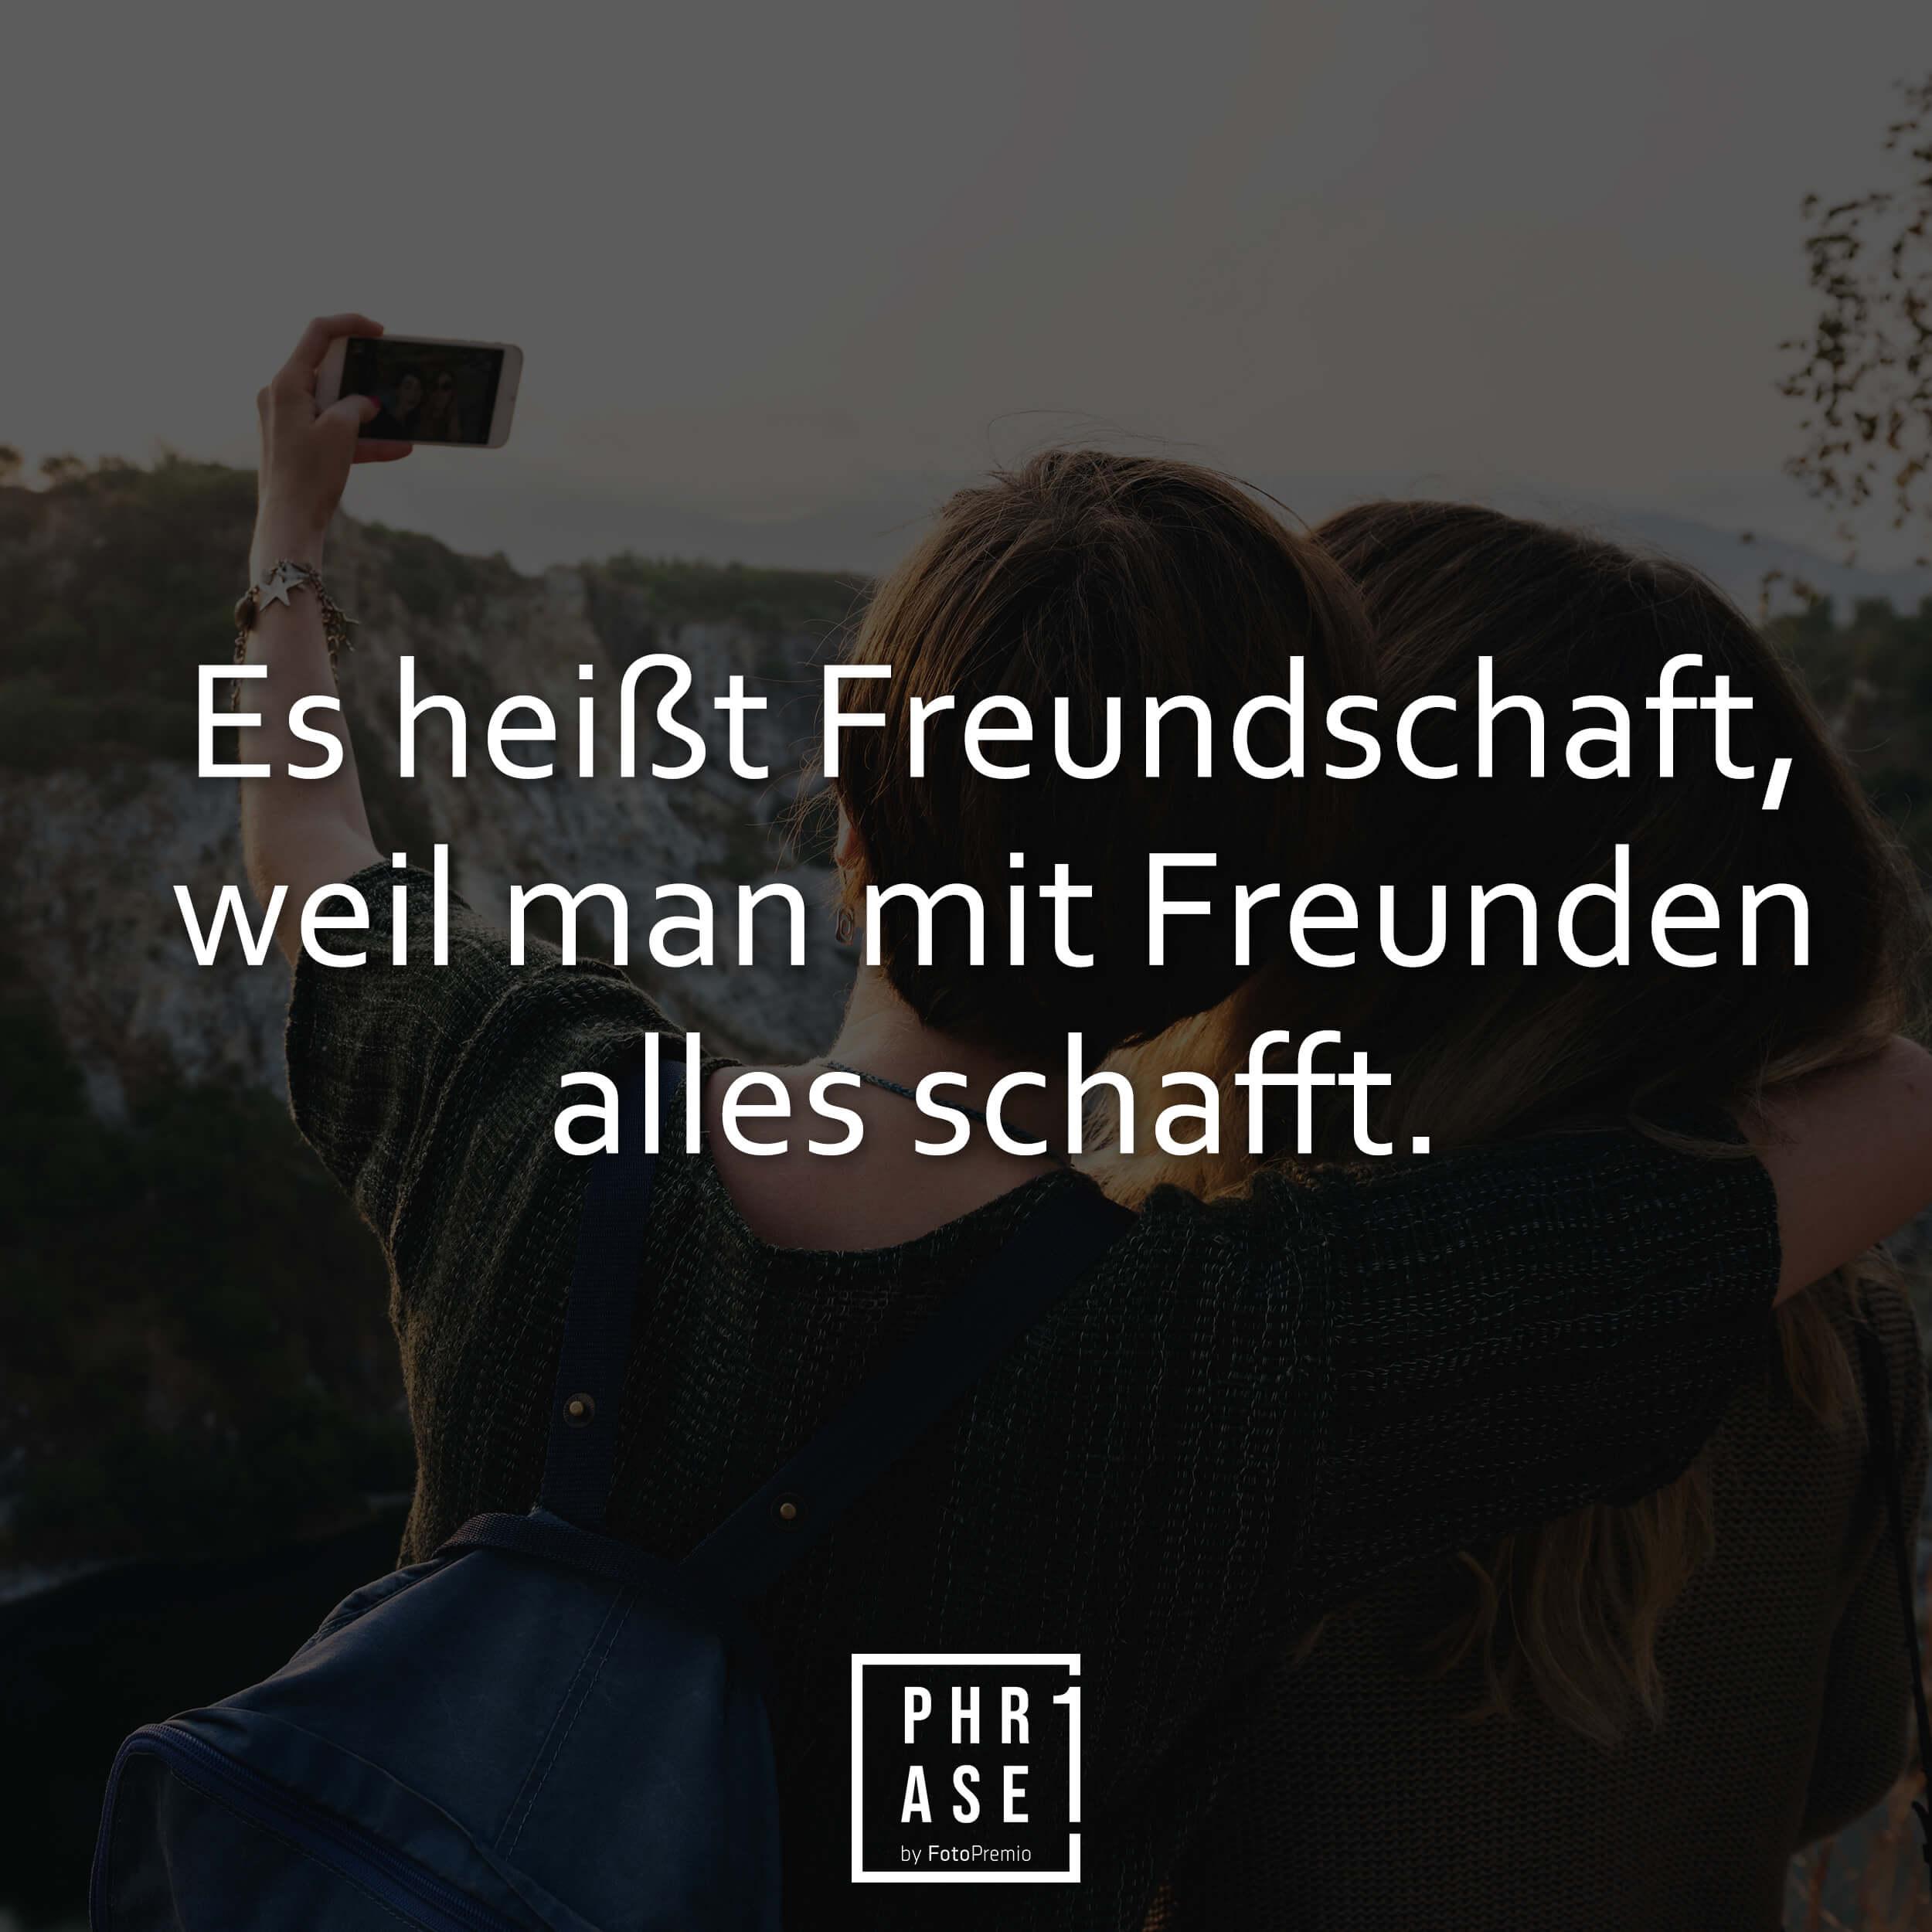 Es heißt Freundschaft, weil man mit Freunden alles schafft.